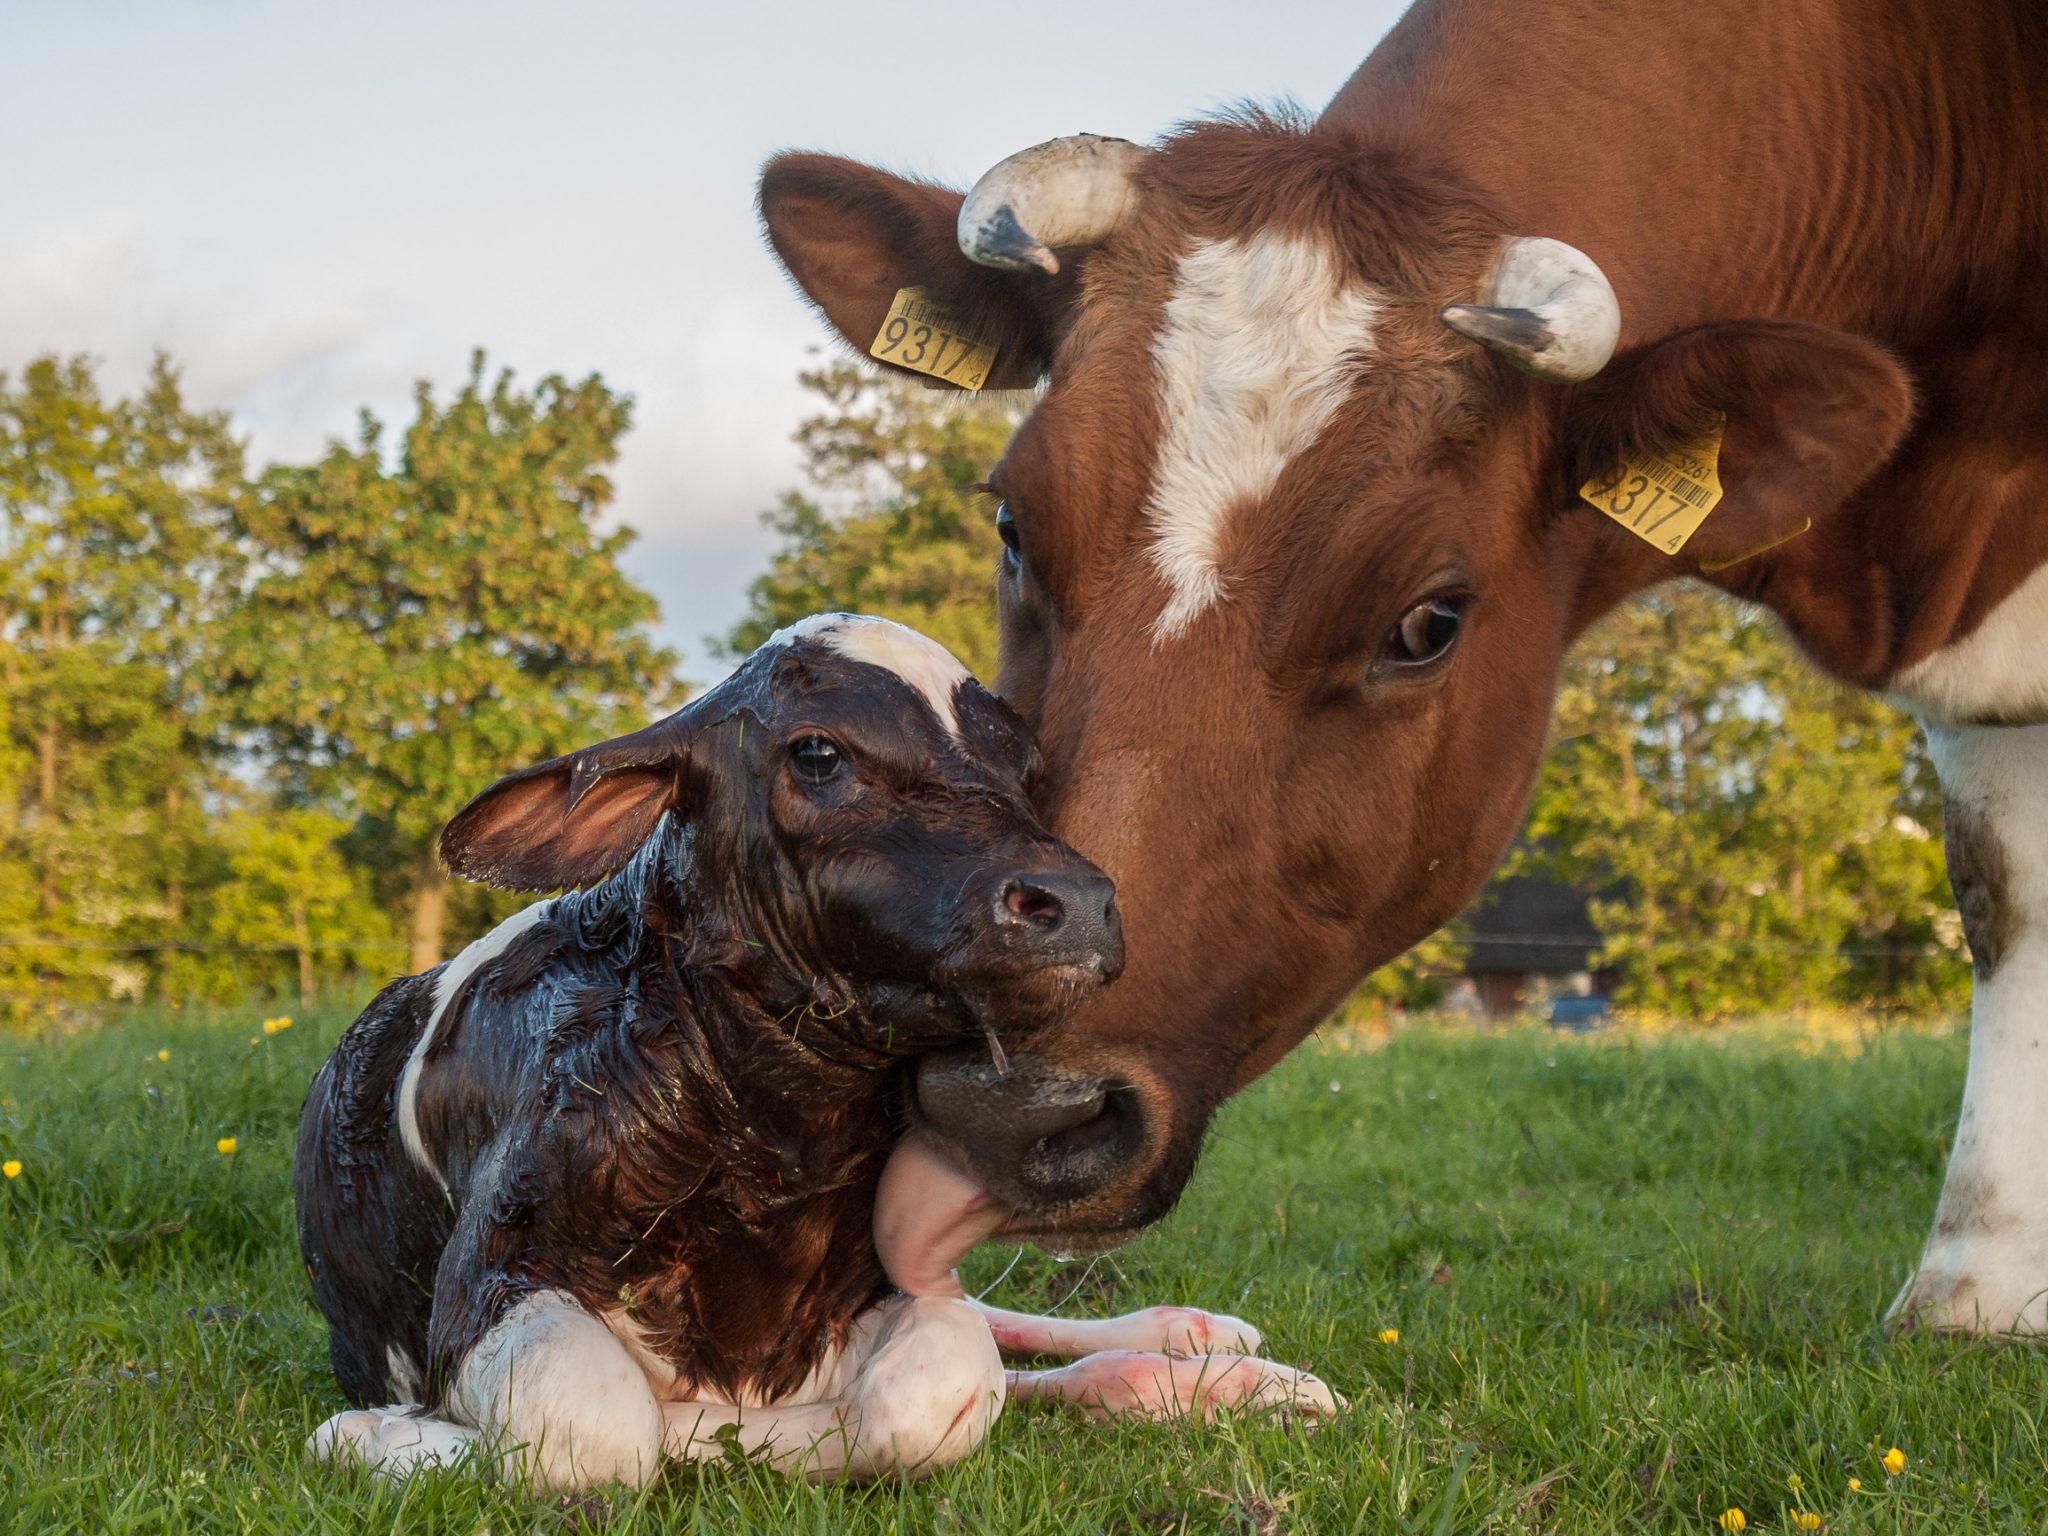 leptoposrosis bovina